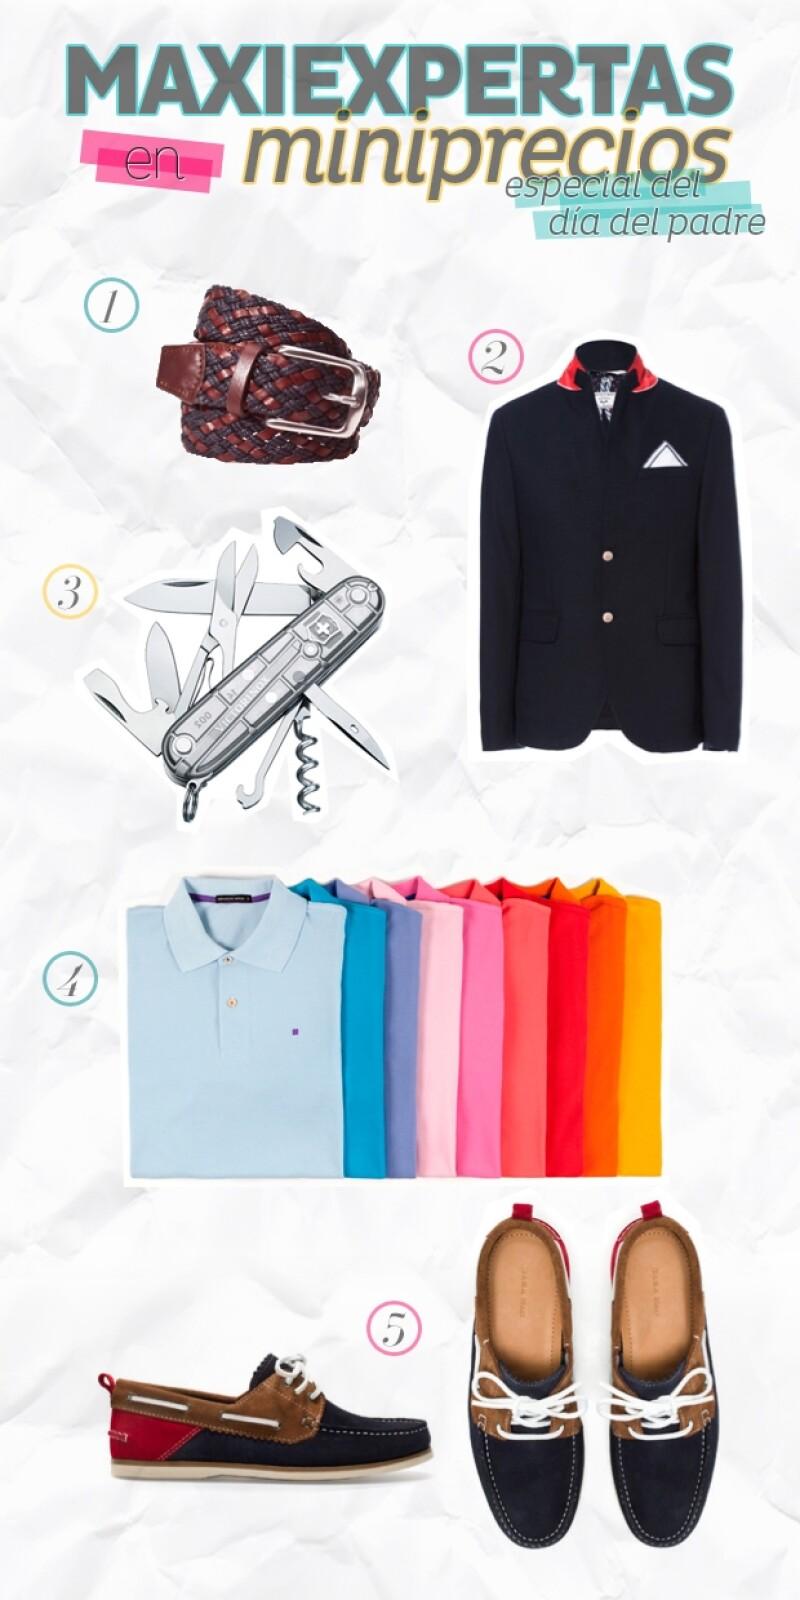 Este fin de semana consiente a tu papá con una amplia gama de objetos muy a la moda a precios asequibles. Aquí te compartimos nuestros favoritos.